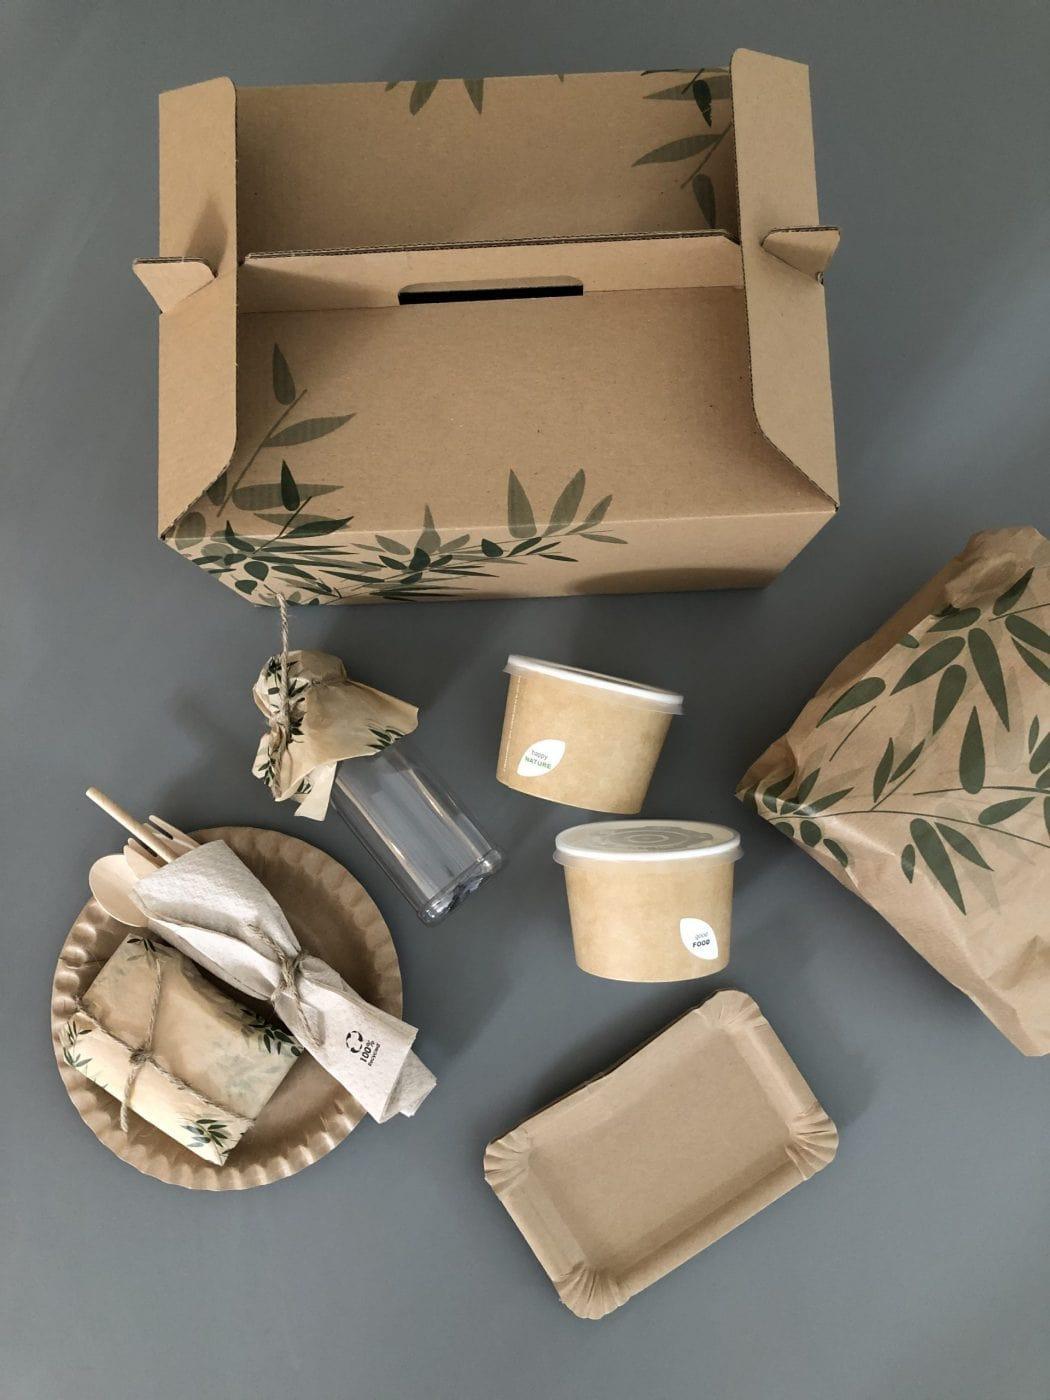 Verpakkingsmateriaal Ontbijtbox